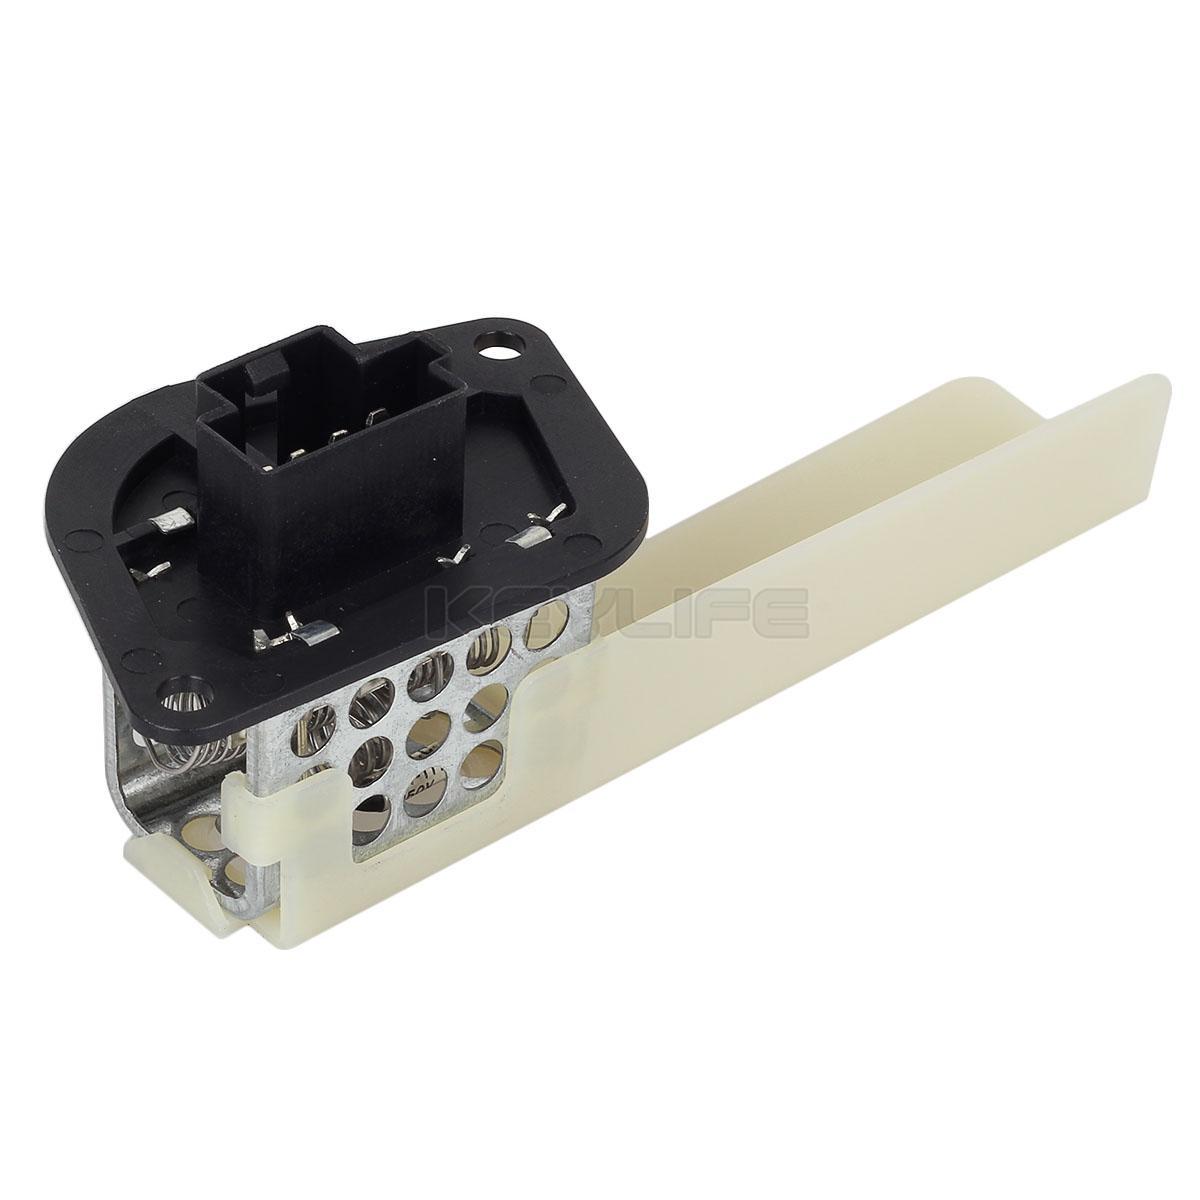 For-Dodge-RAM-1500-2500-3500-VAN-99-03-Blower-Motor-Resister-Regulator-973-021 miniature 3